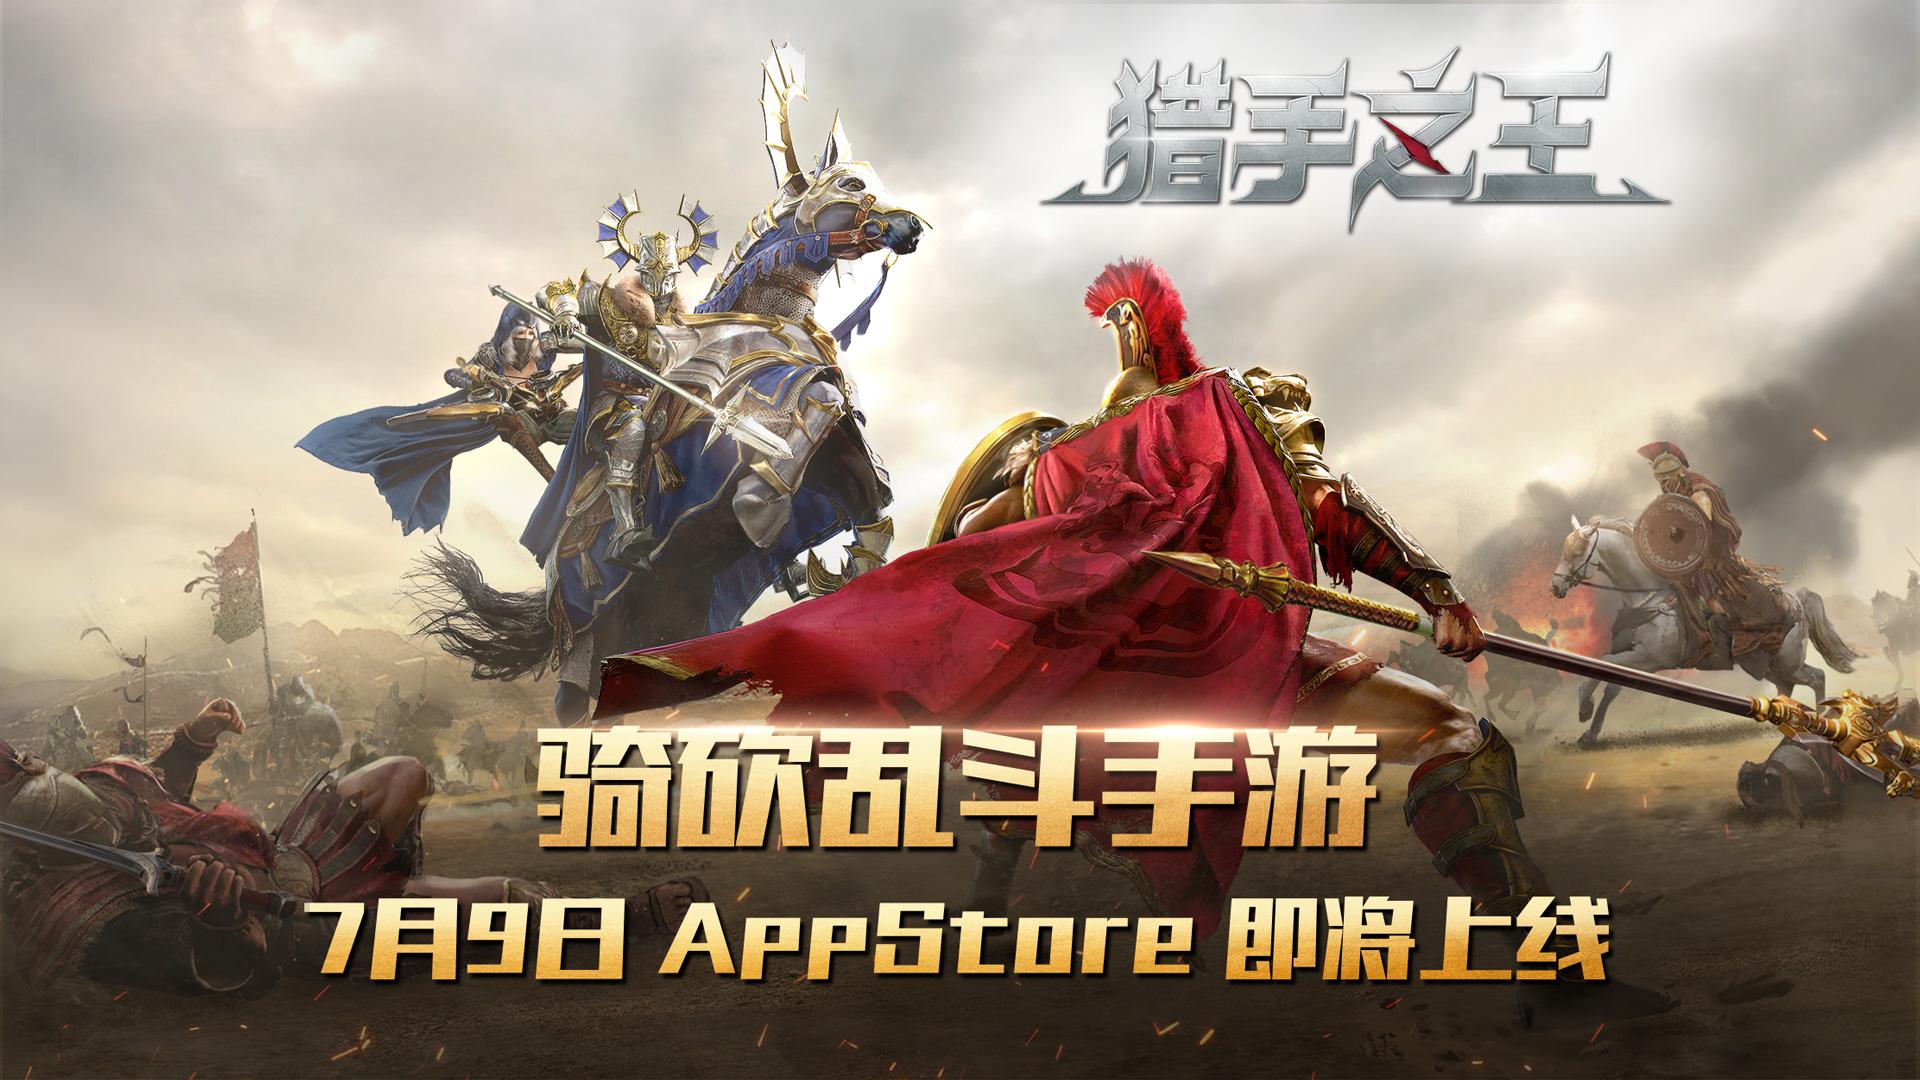 骑砍乱斗创新玩法 《猎手之王》7月9日即将上线App Store